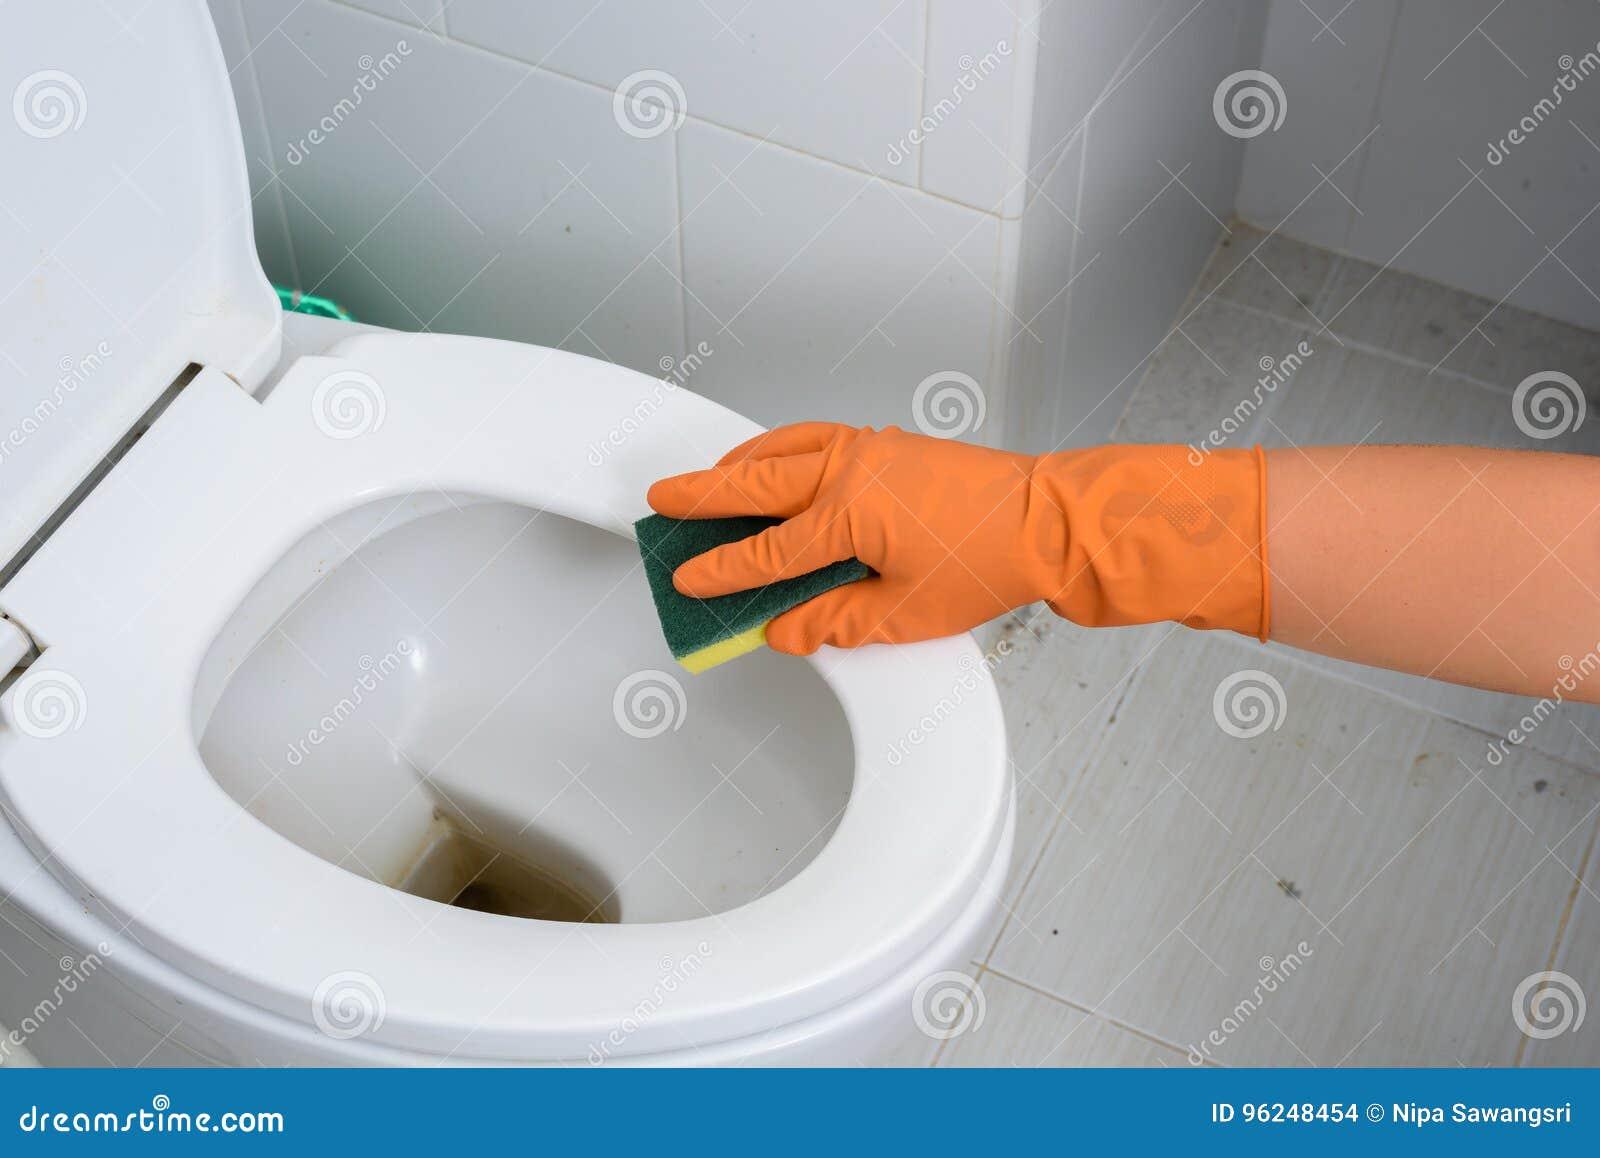 Mani in guanti arancio che puliscono WC, toilette, lavabo